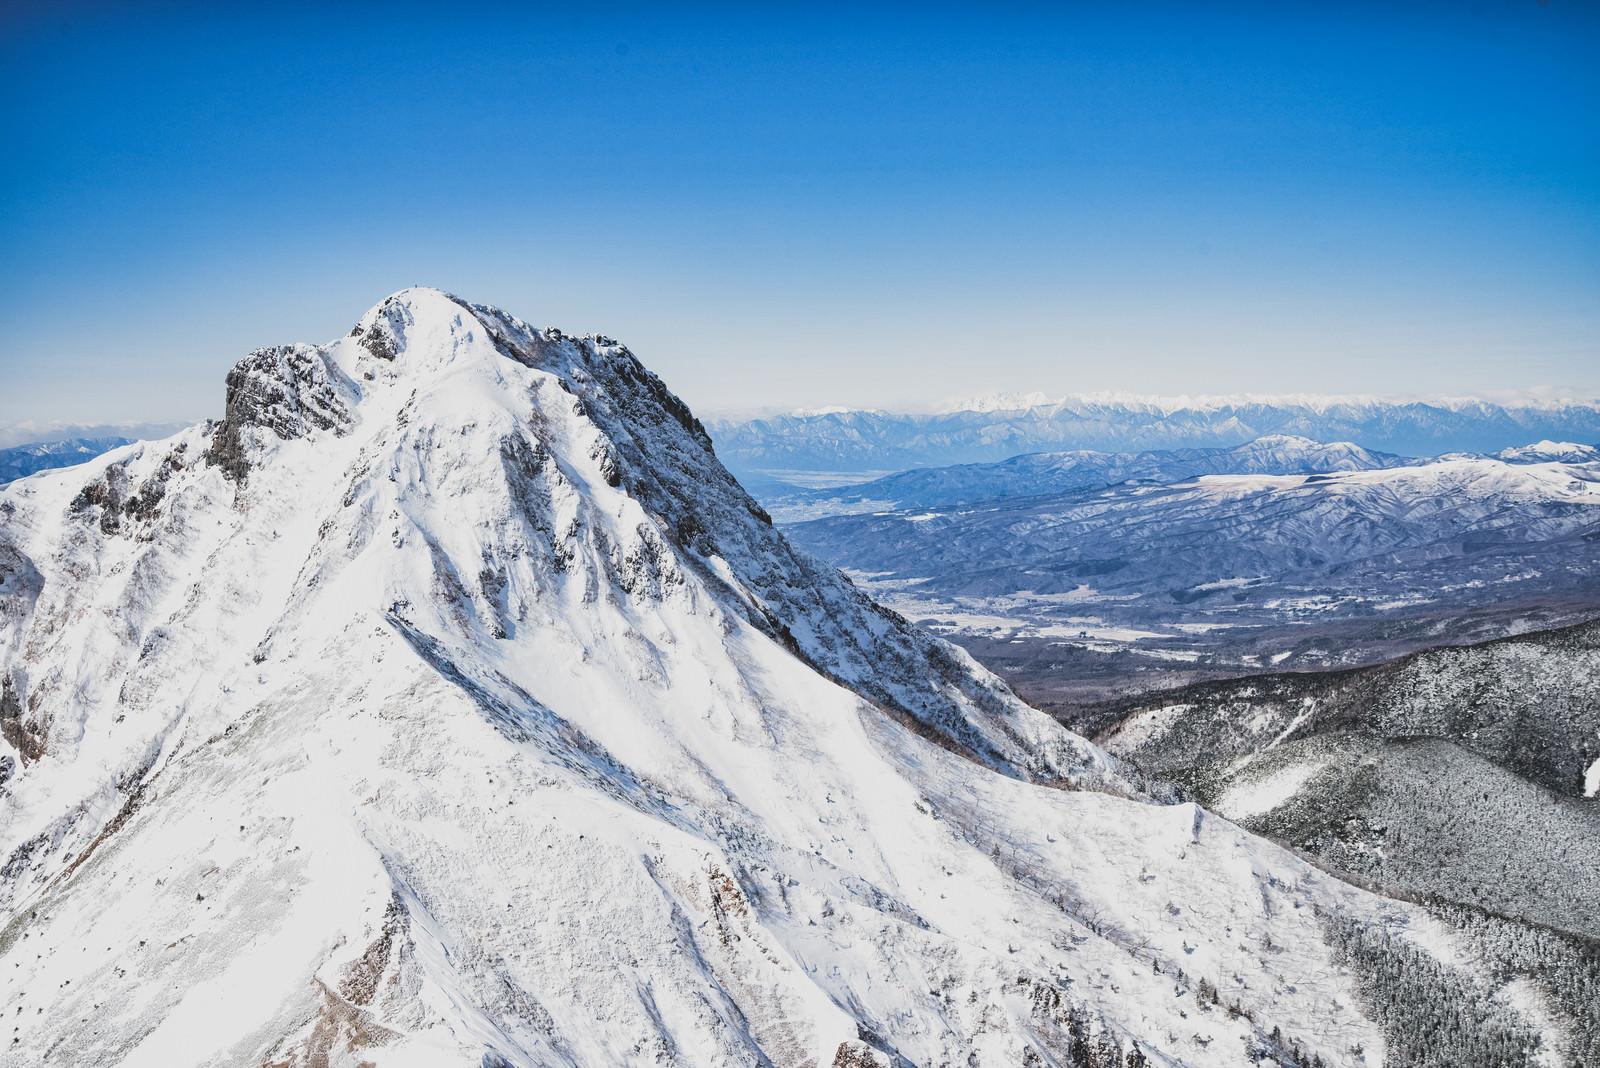 「阿弥陀岳と北アルプス」の写真